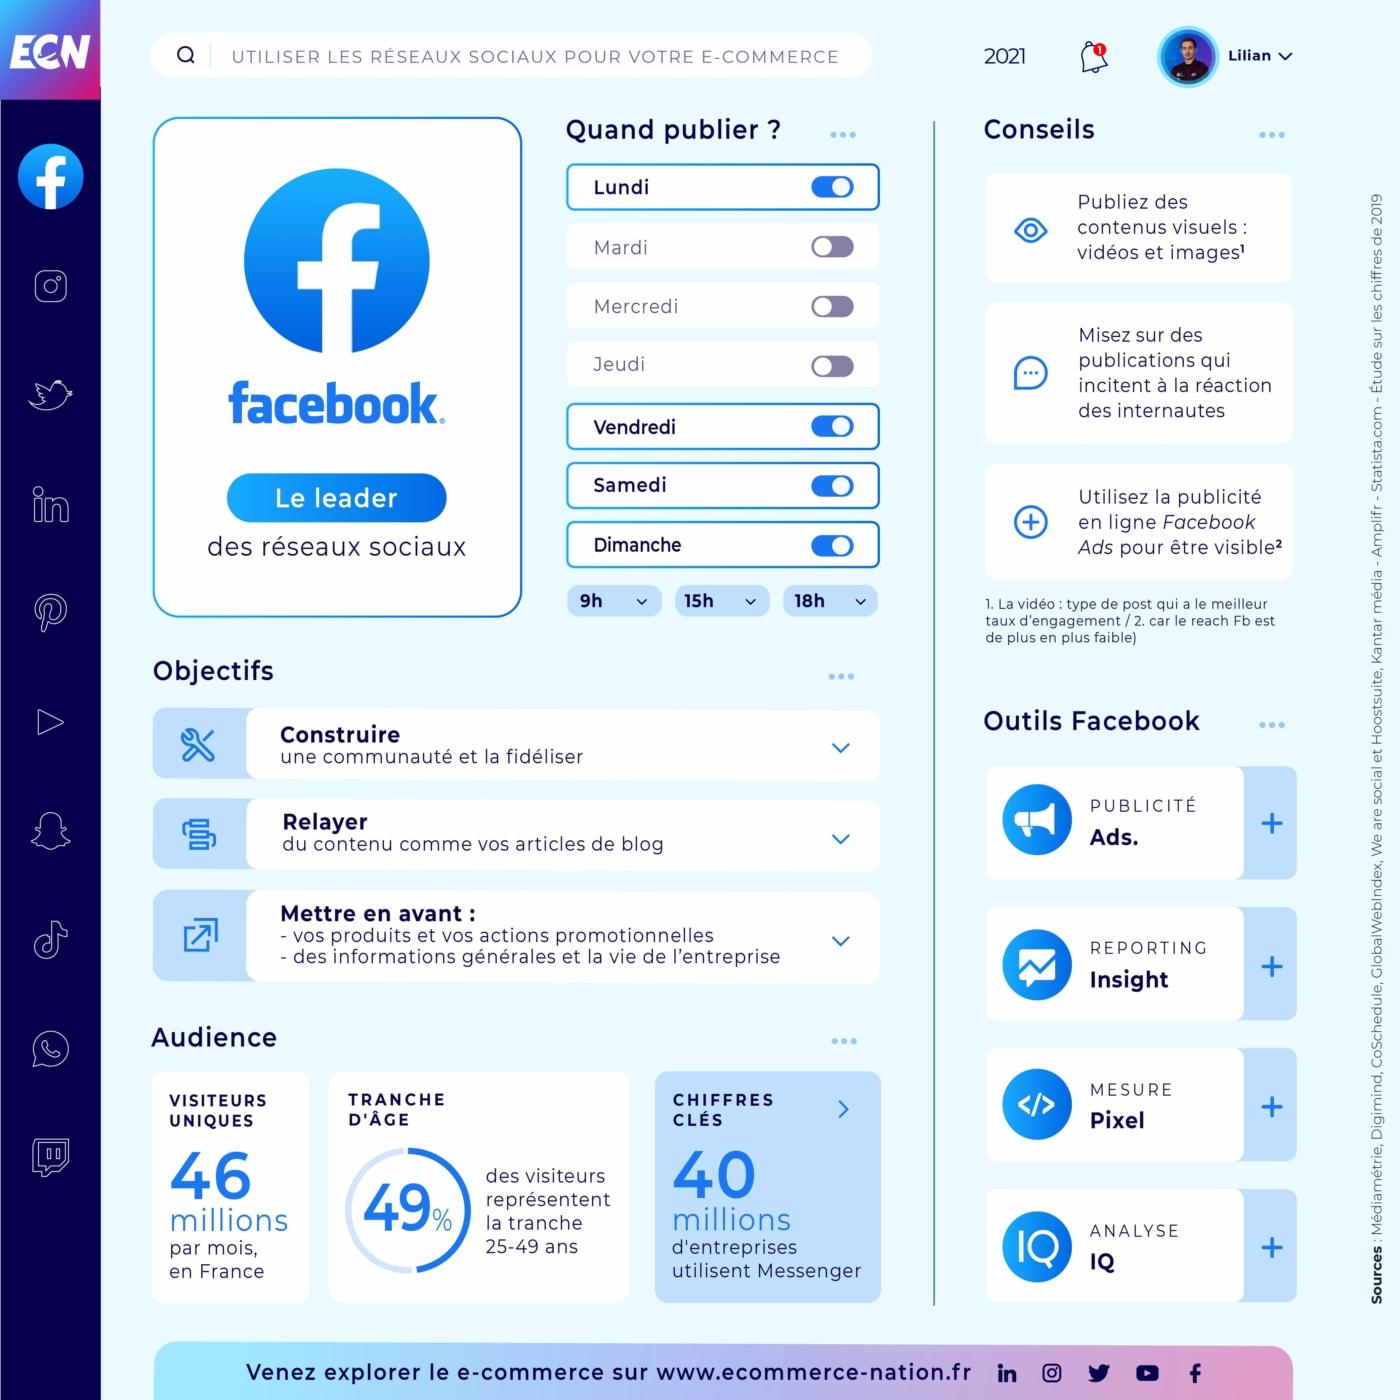 RampUP utiliser les reseaux-sociaux-pour vendre Facebook 2021